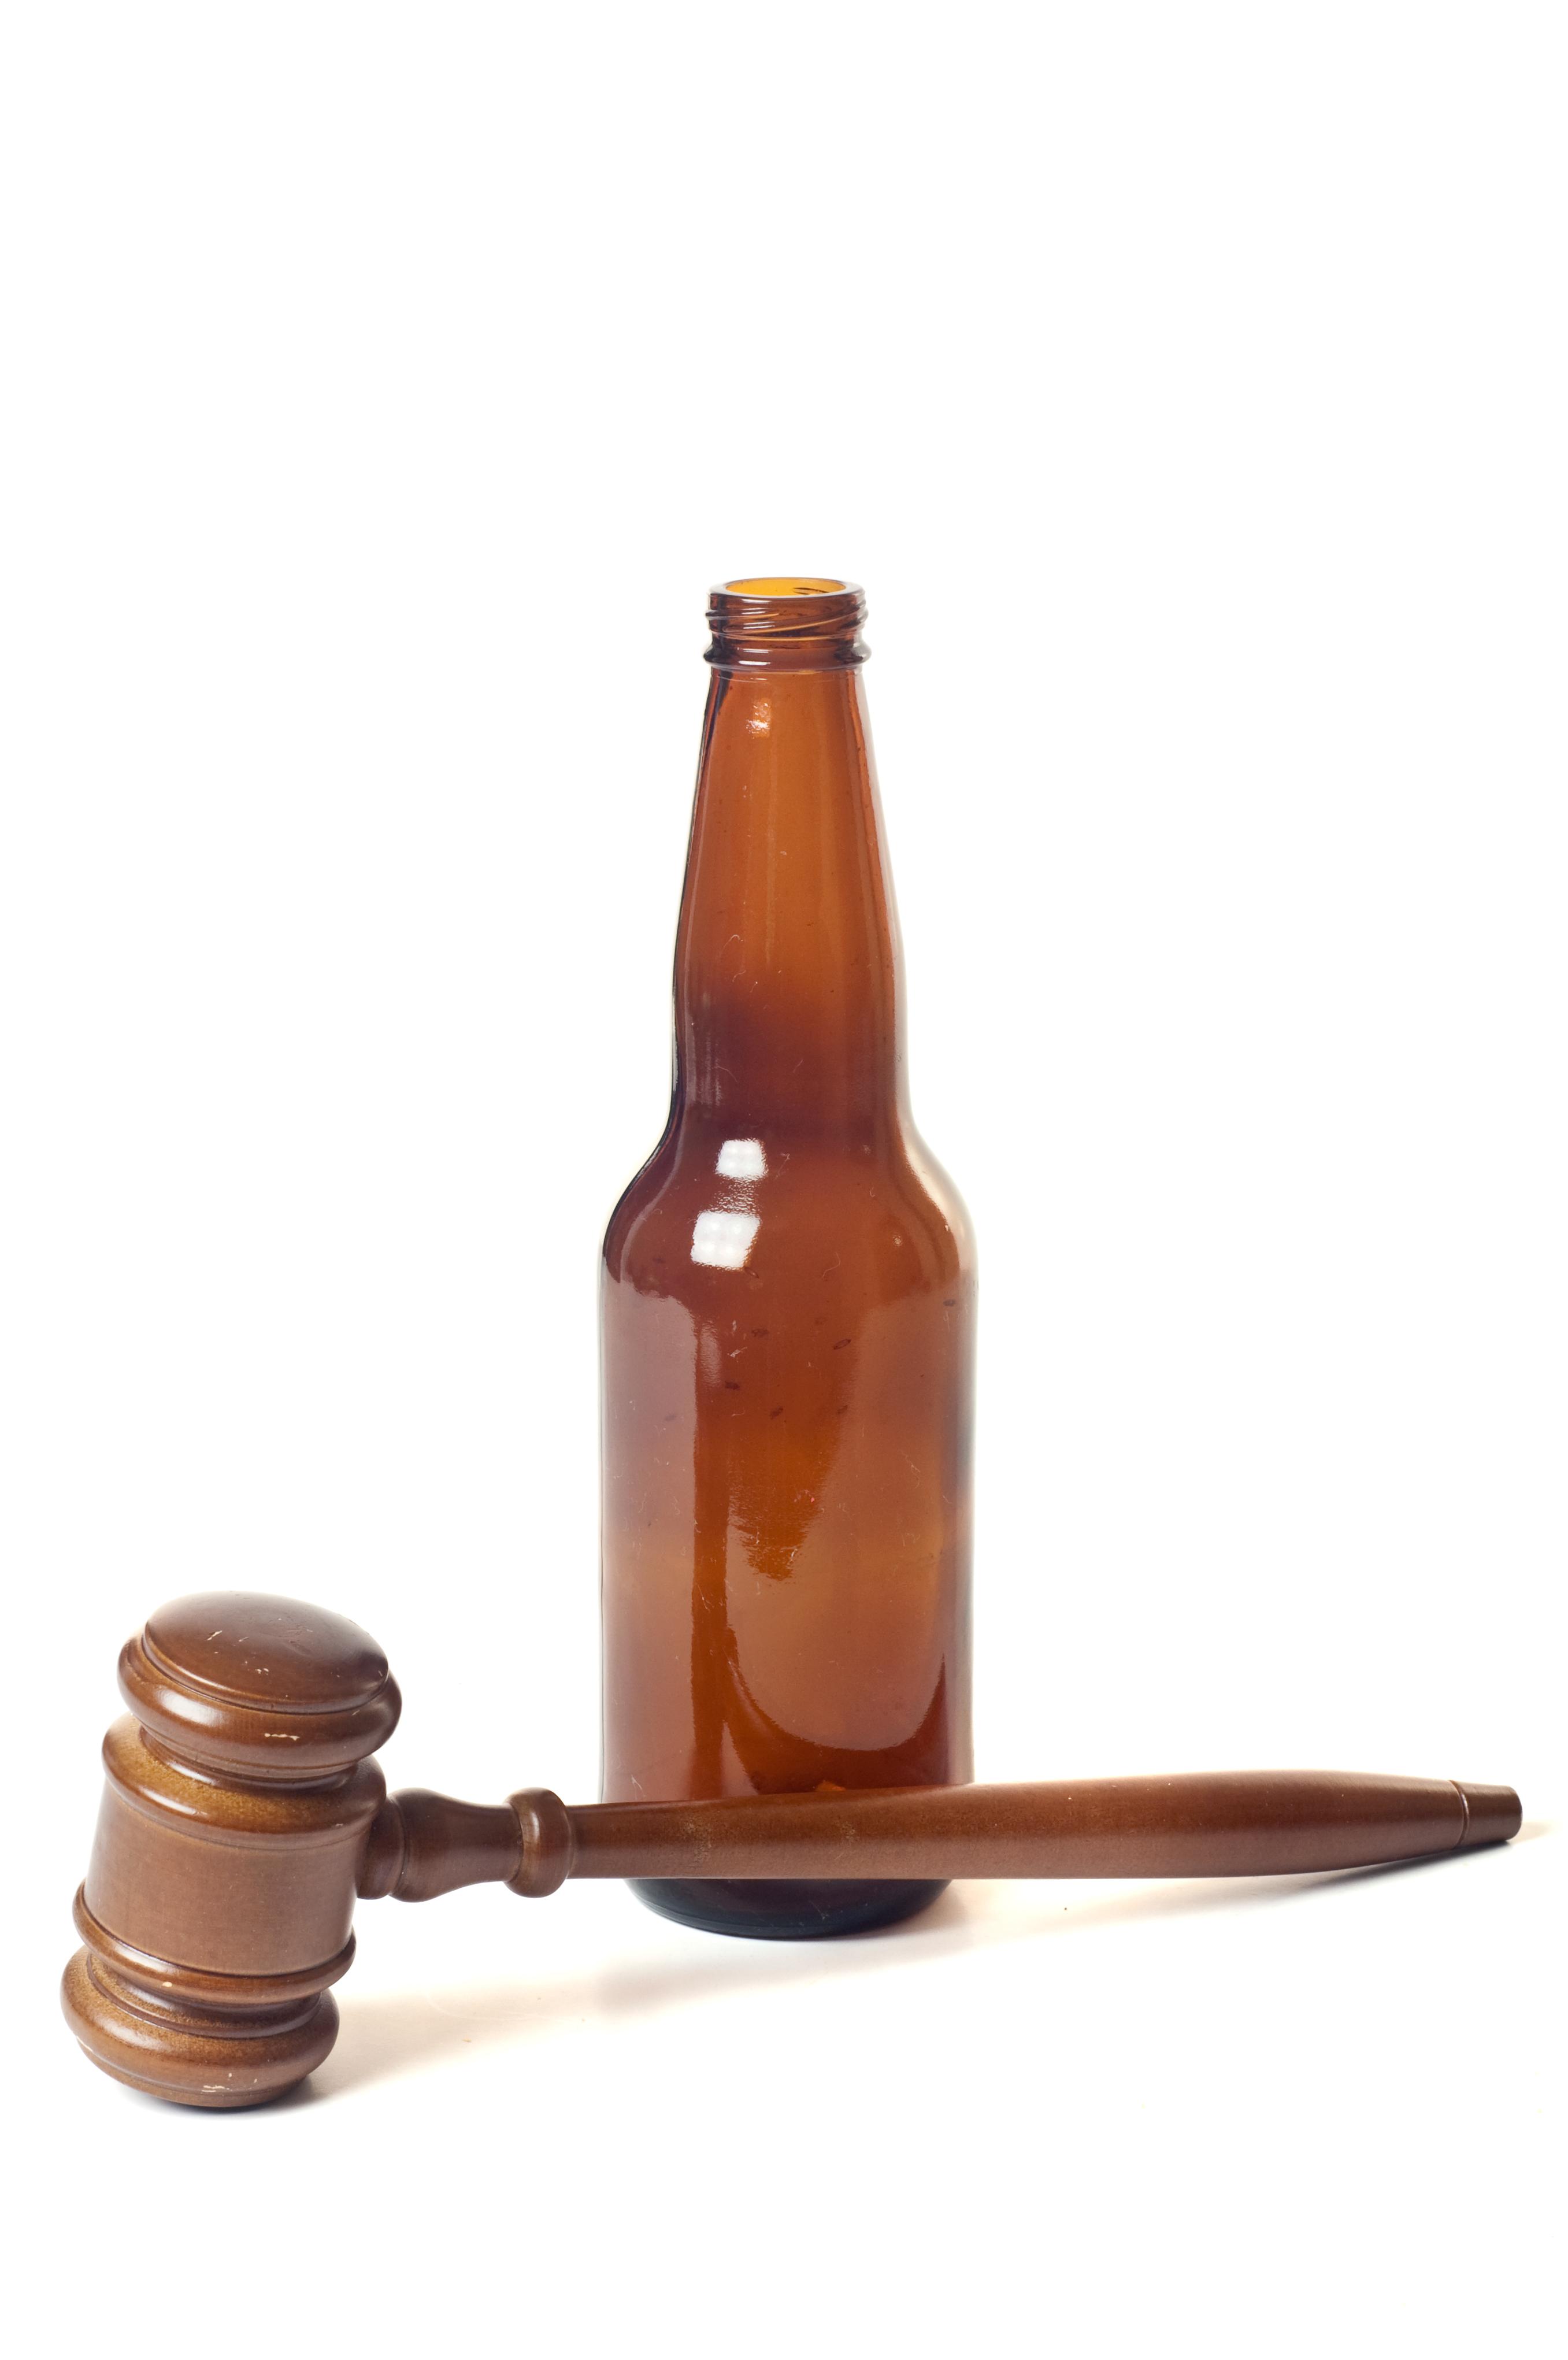 Should Laws Limit Alcohol Sales?